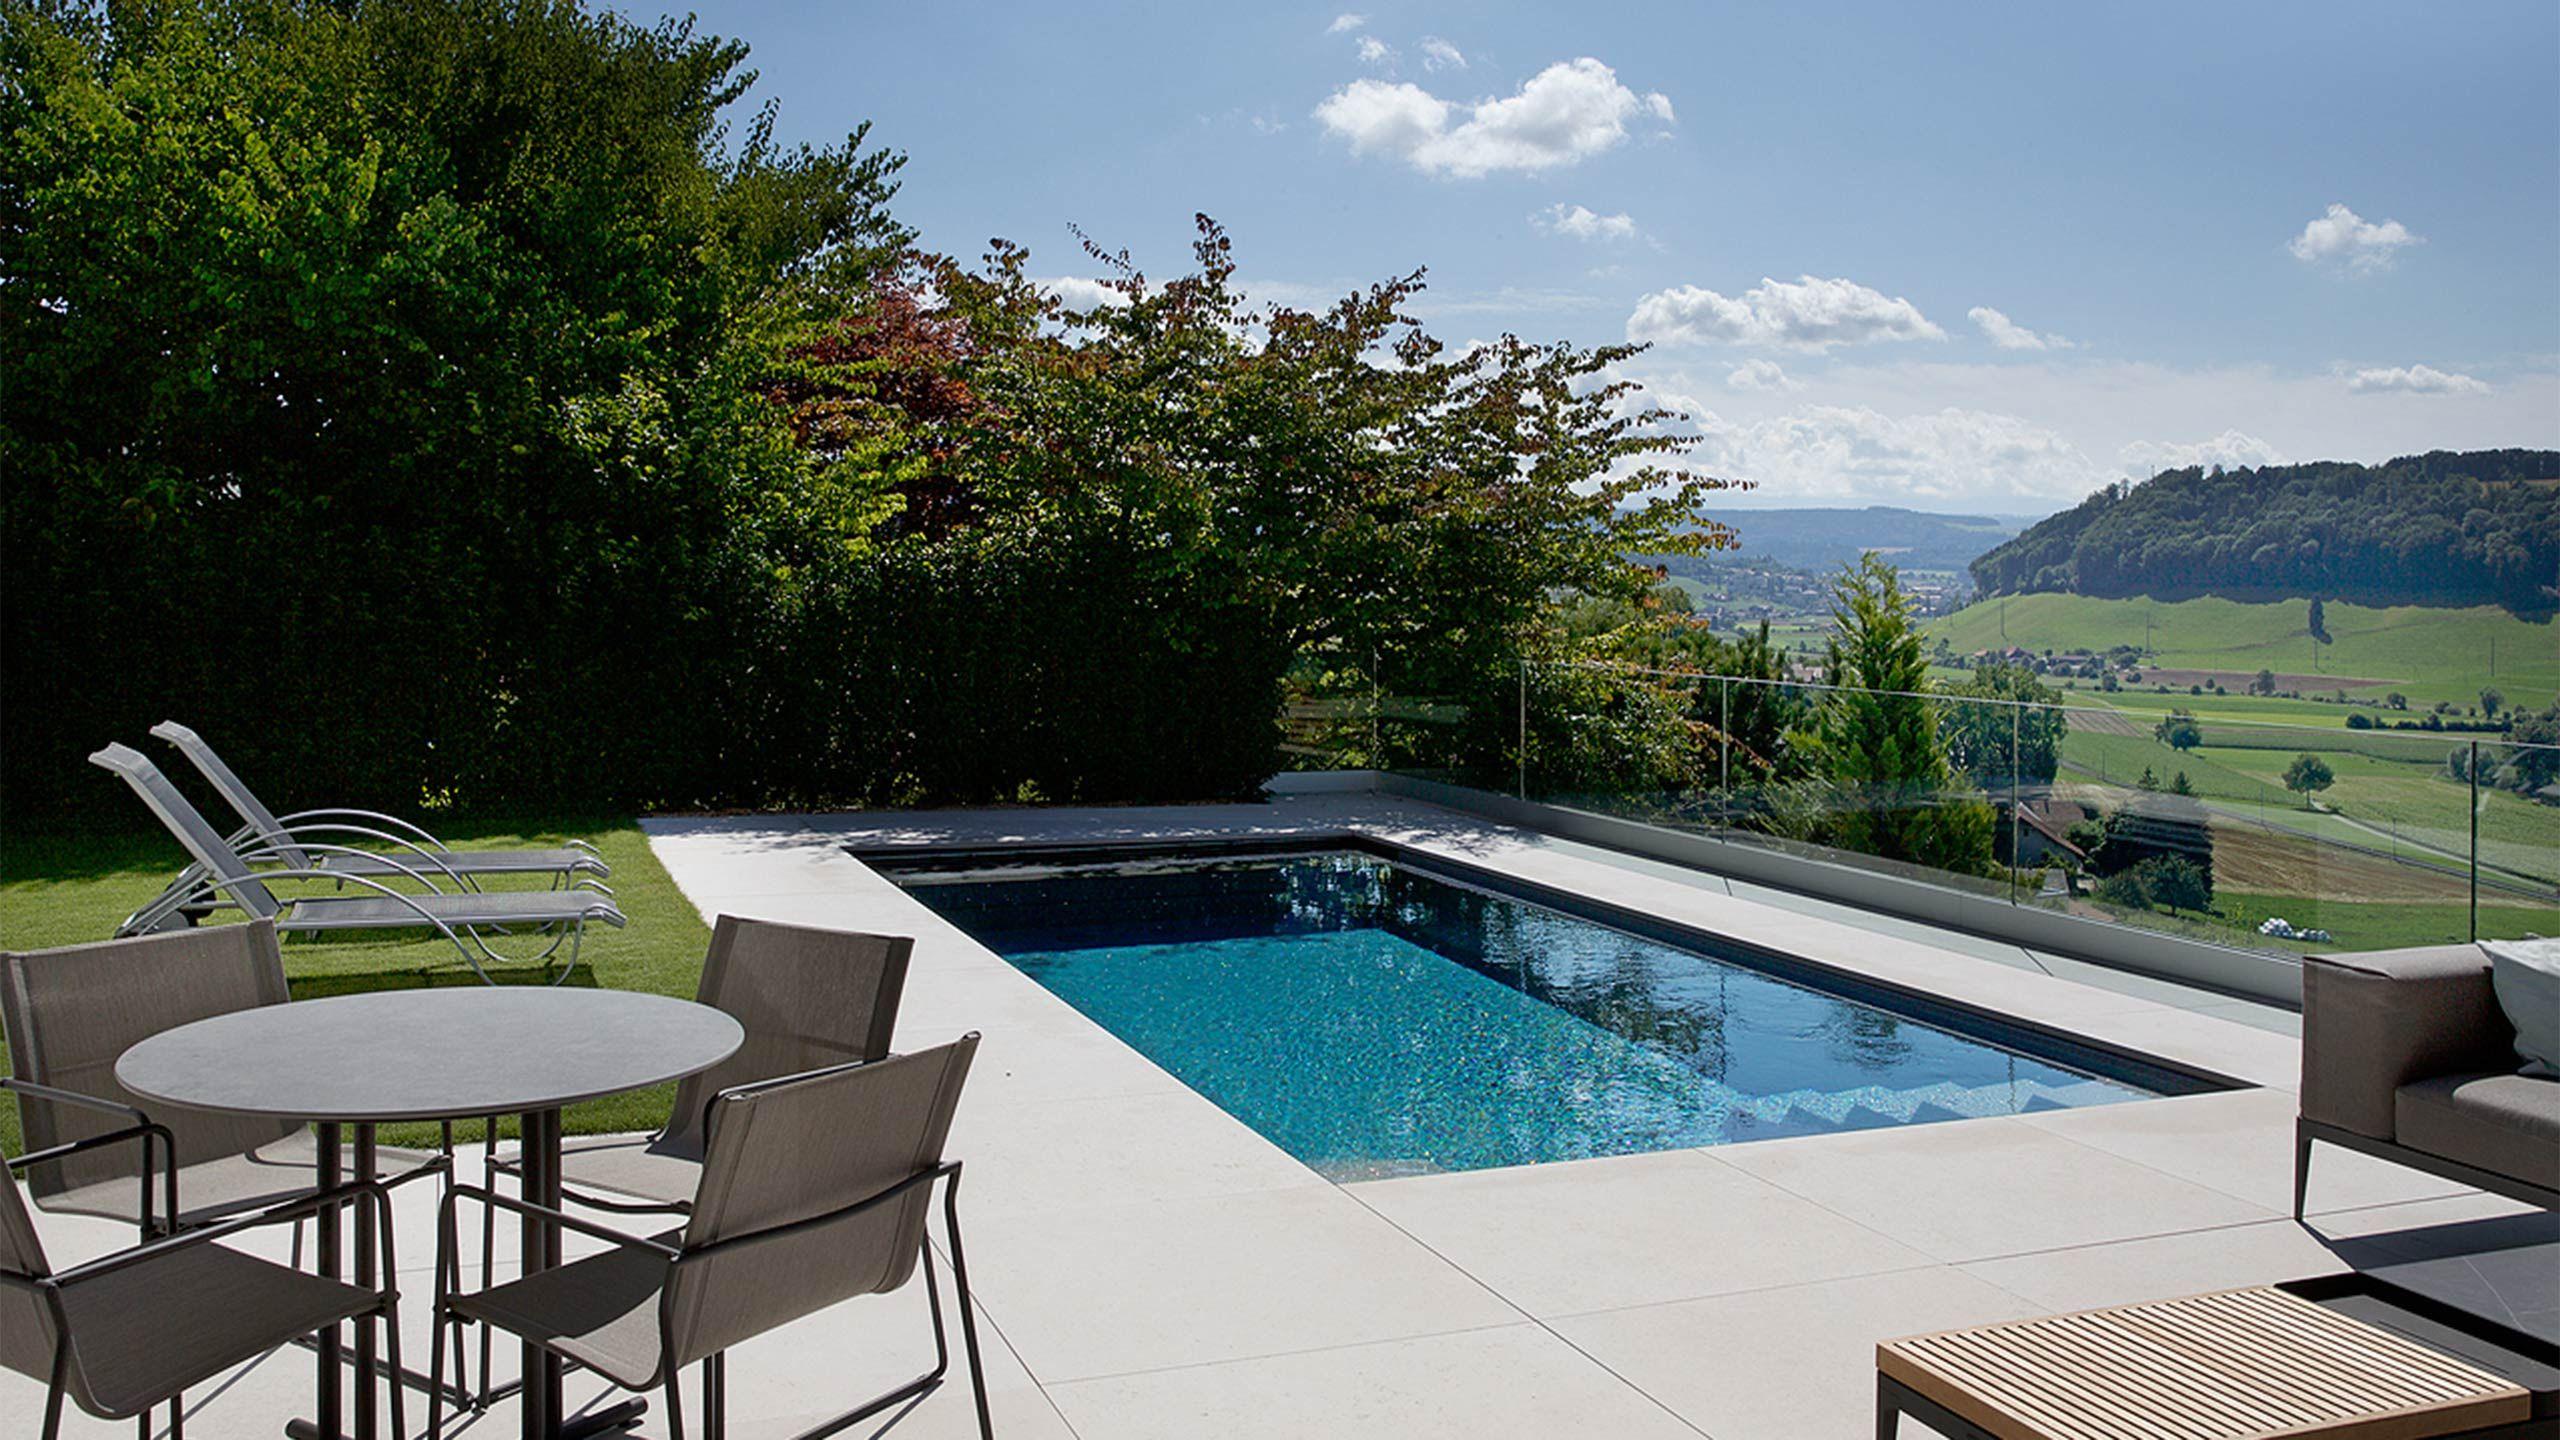 Gartendesign Mit Pool Schwimmbad Und Weitblick